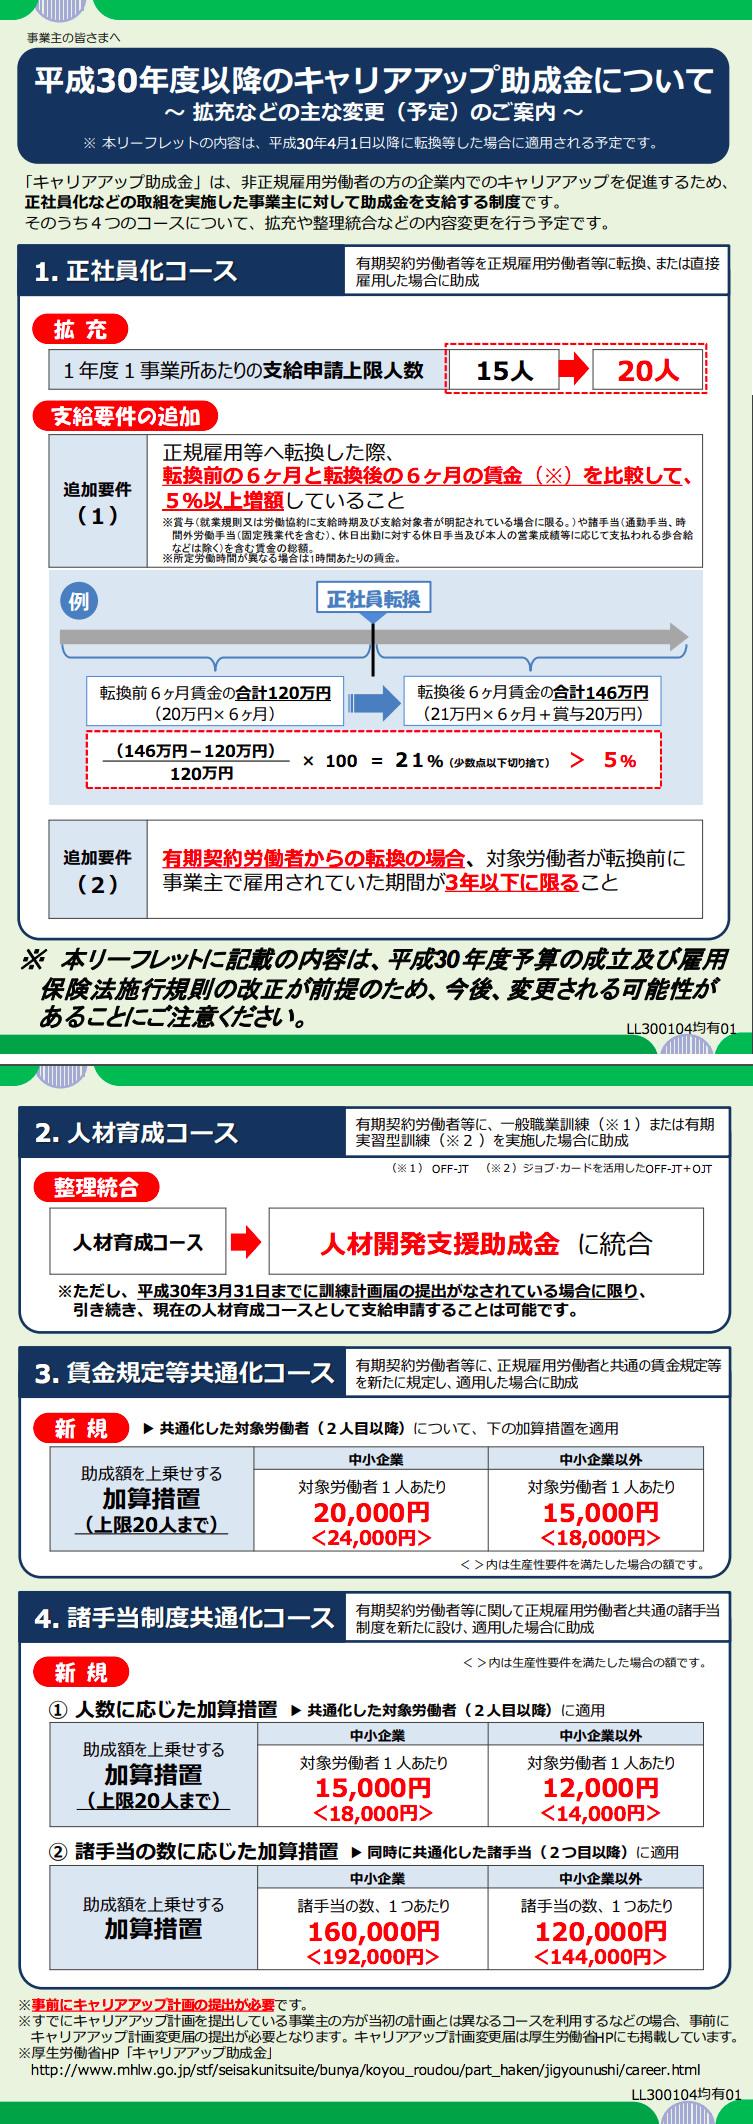 神戸でキャリアアップ助成金